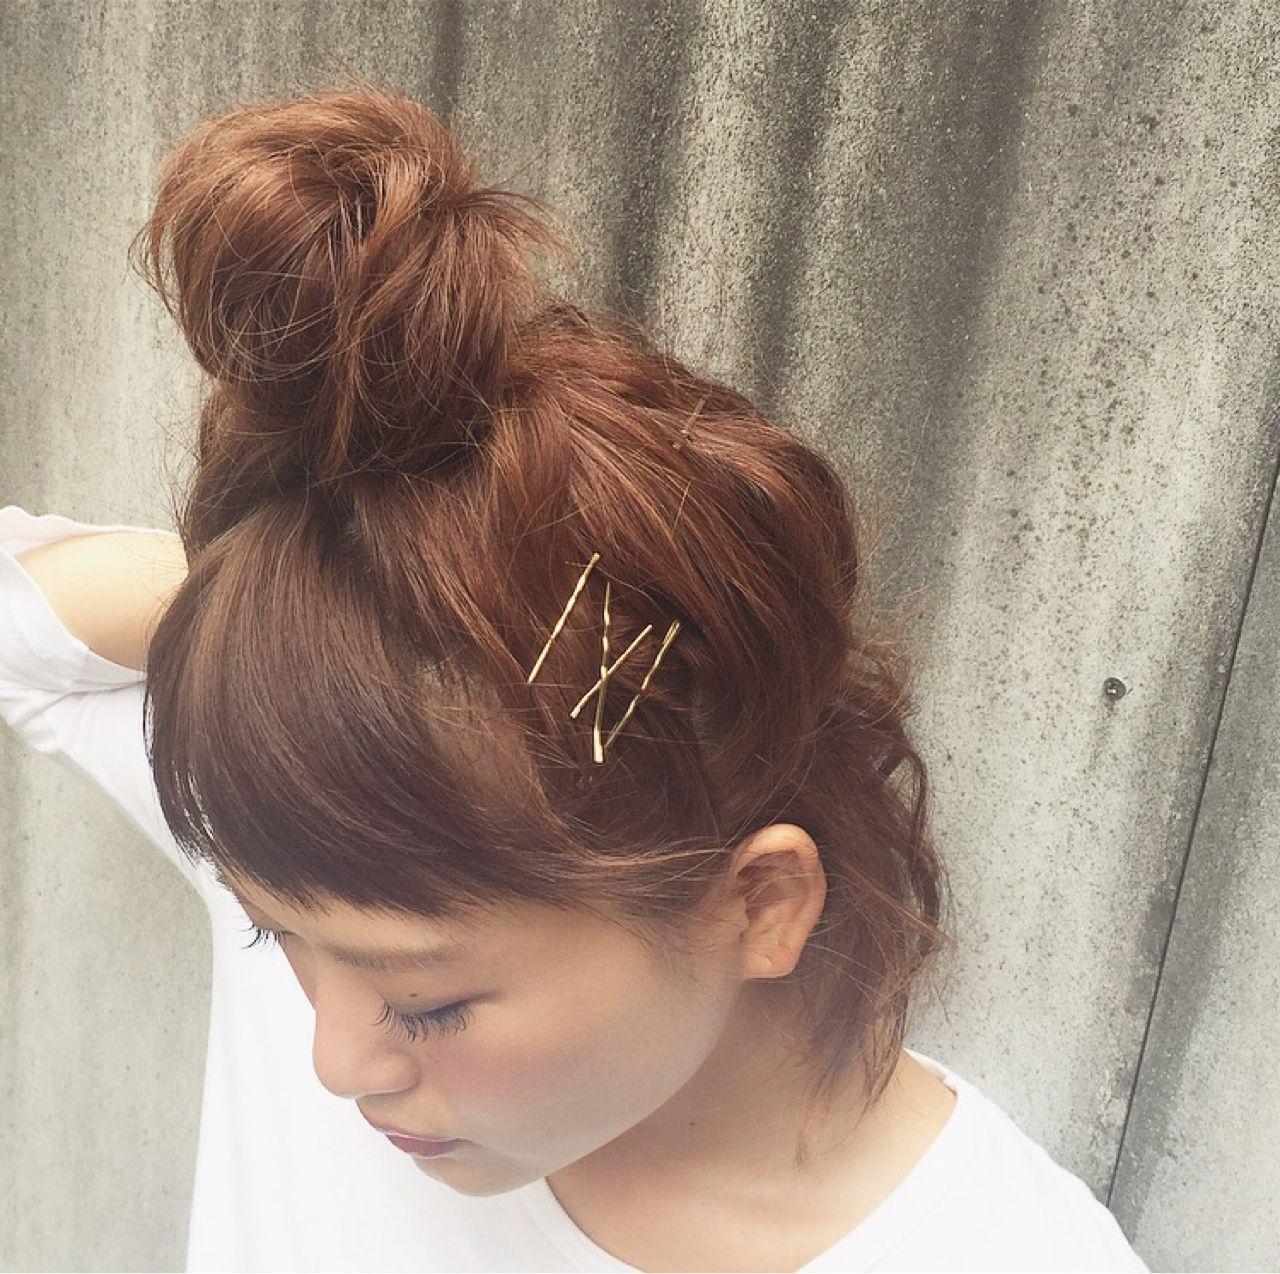 お団子 ストリート ヘアピン ヘアスタイルや髪型の写真・画像